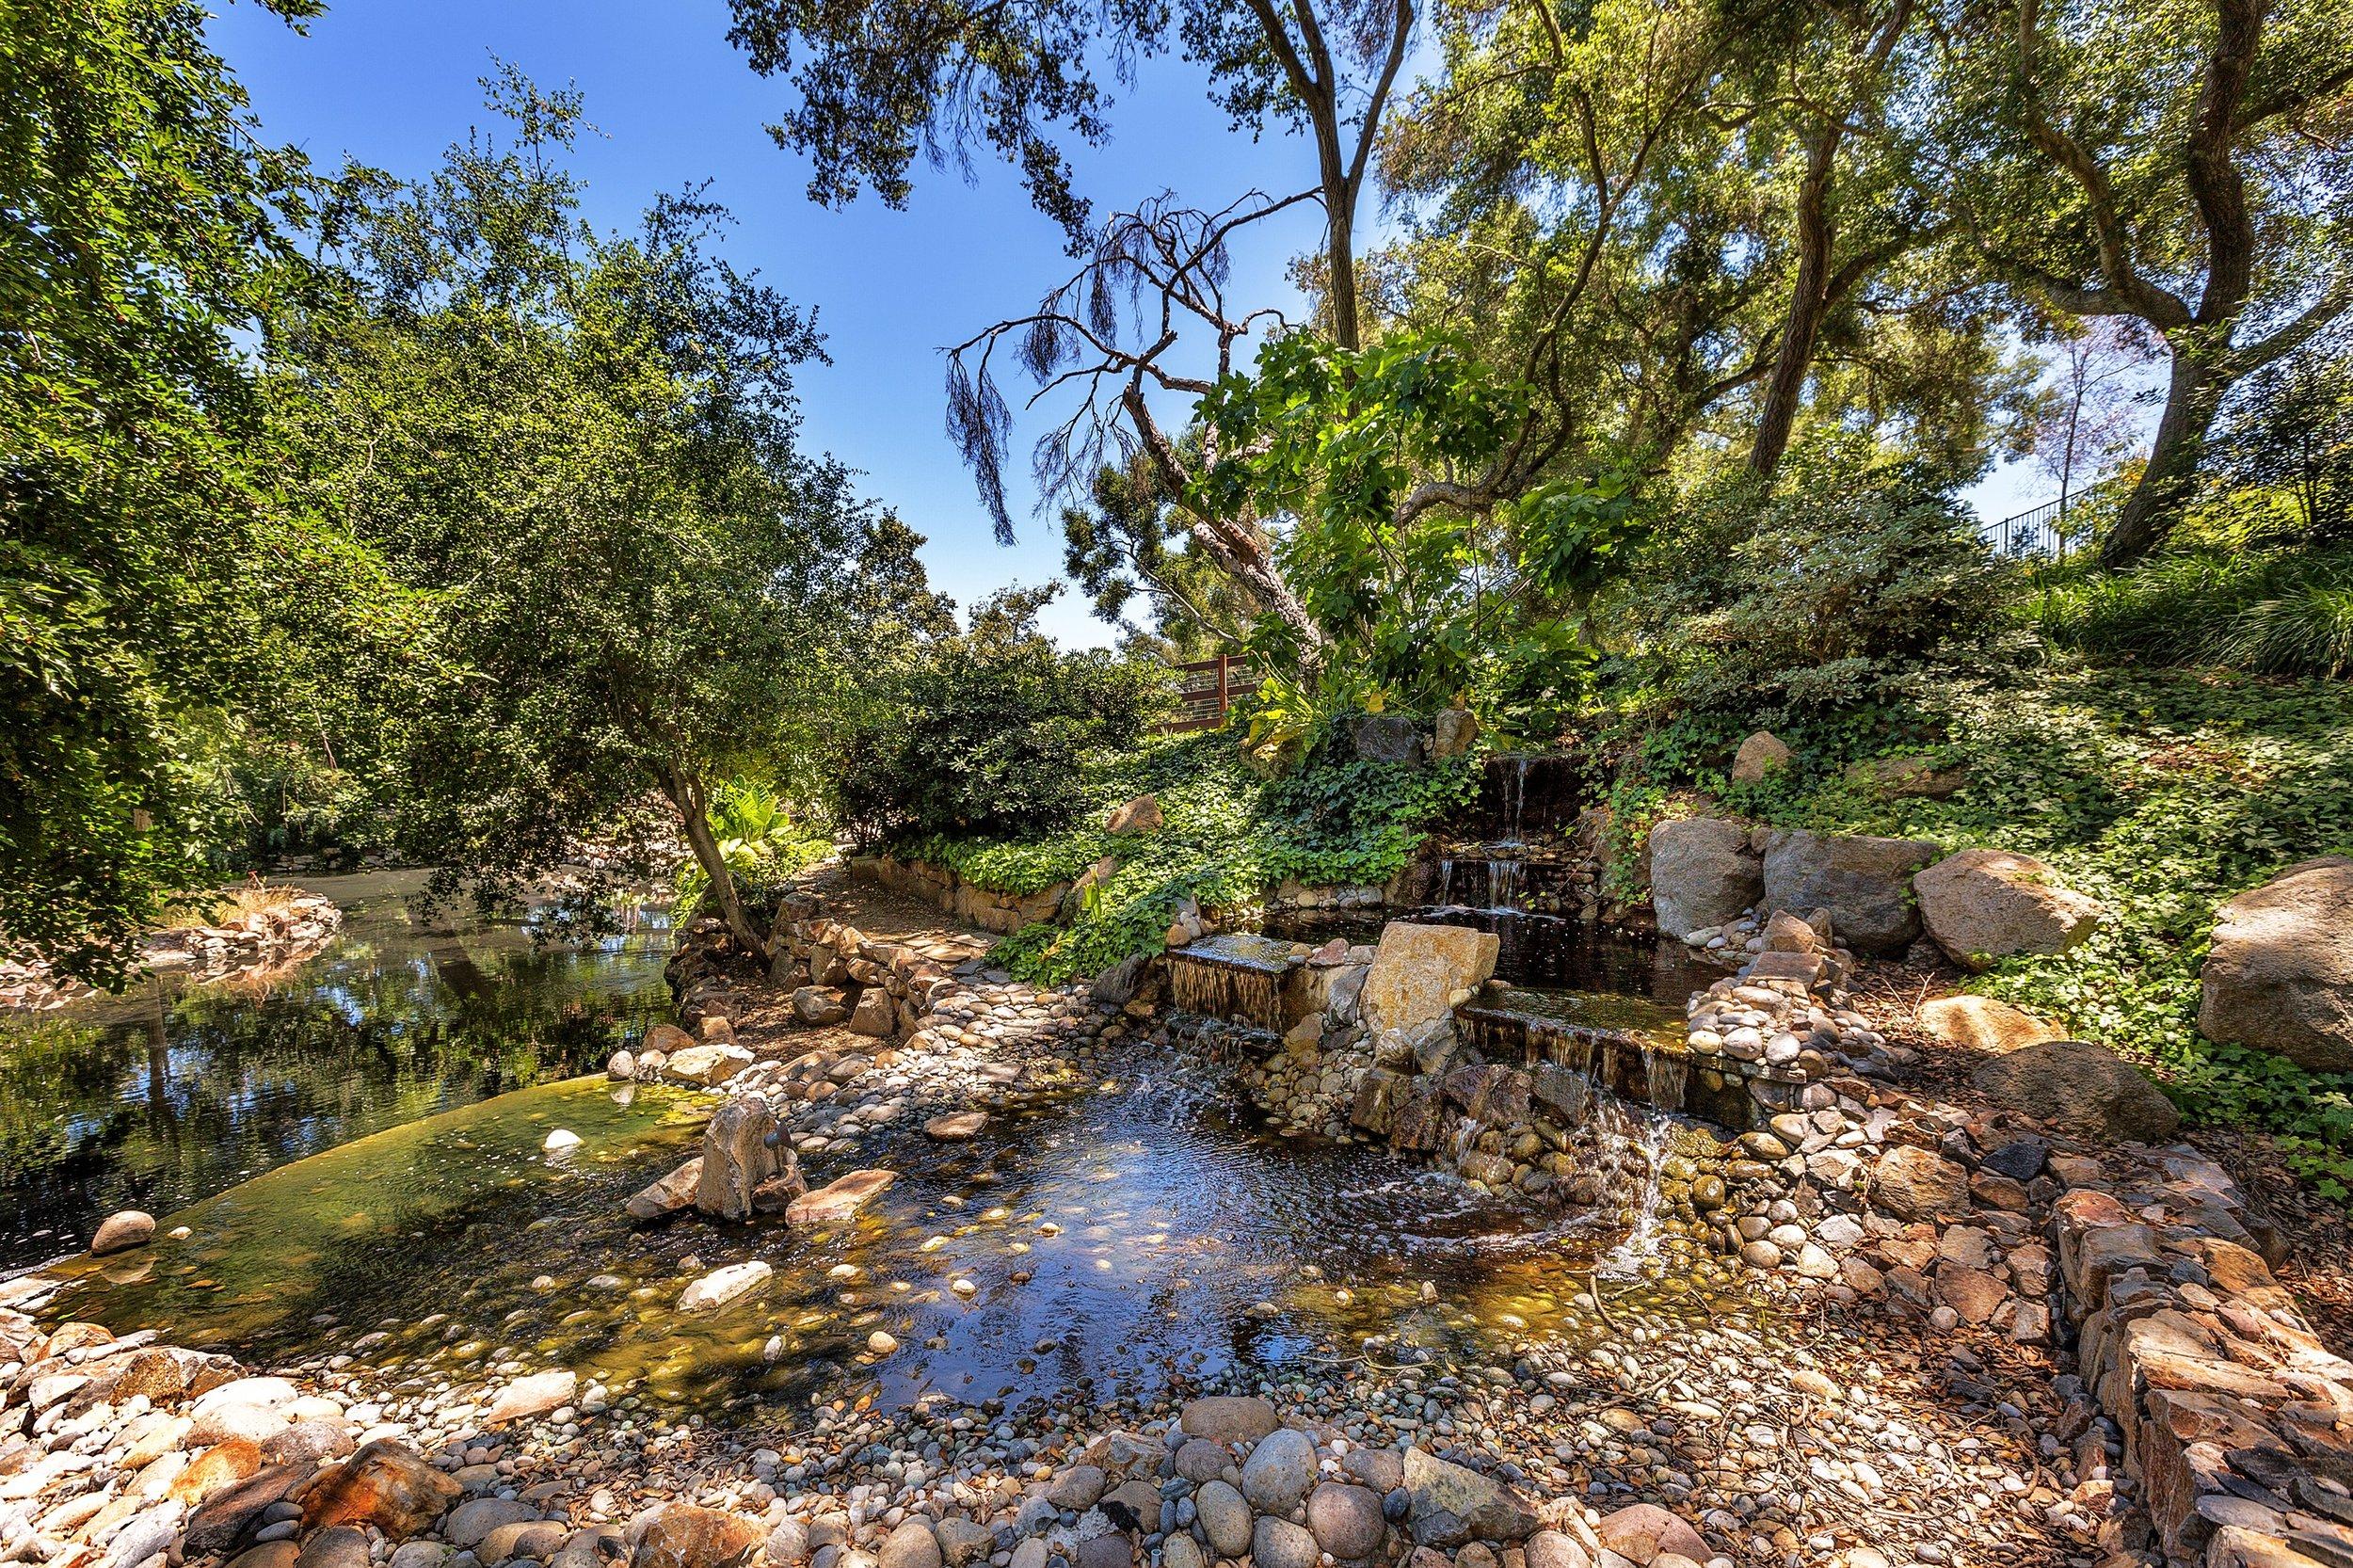 079_Creek.jpg